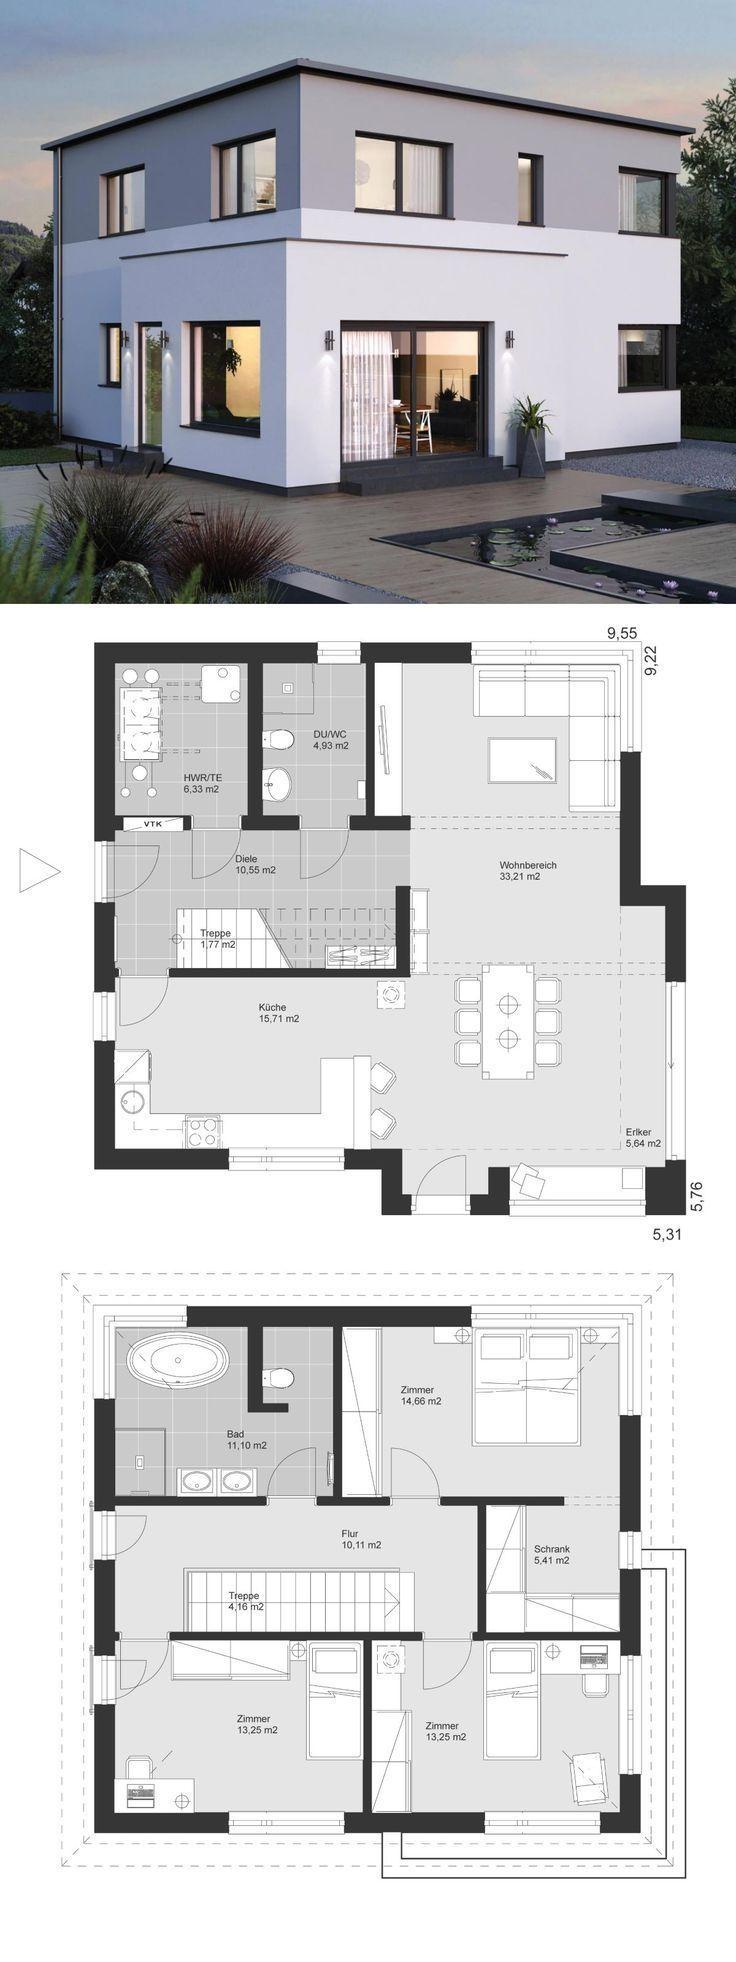 Nova cidade villa planta moderna com arquitetura de telhado plano, extensão de janela de sacada e escadas sem descanso …   – haus ideen